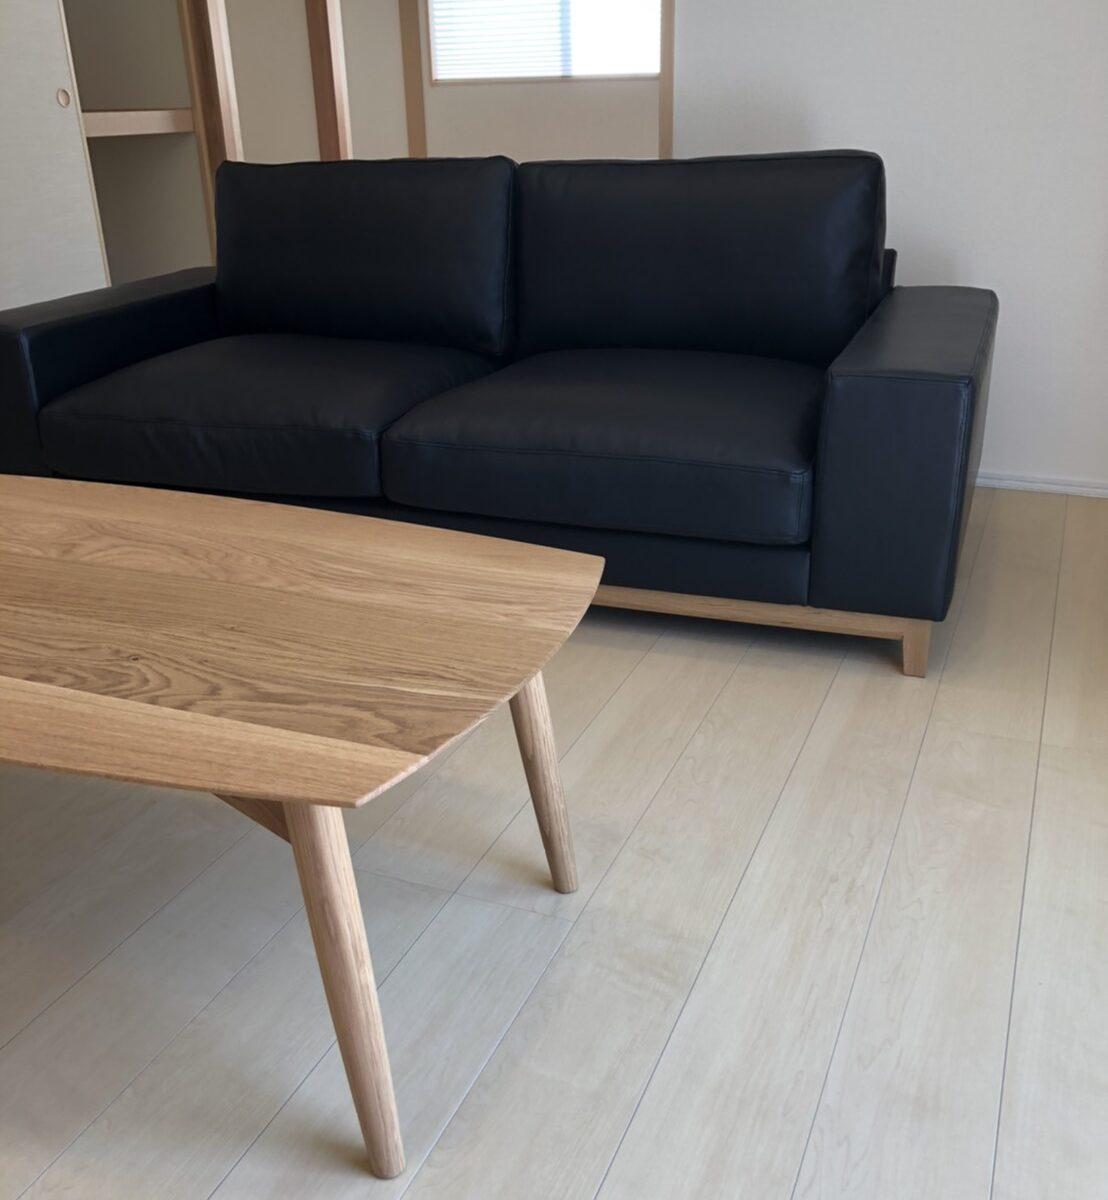 長崎県 Y様のコーディネート ballena table 1400(特注) + ballena chair + cabo low table + FLOW 2p